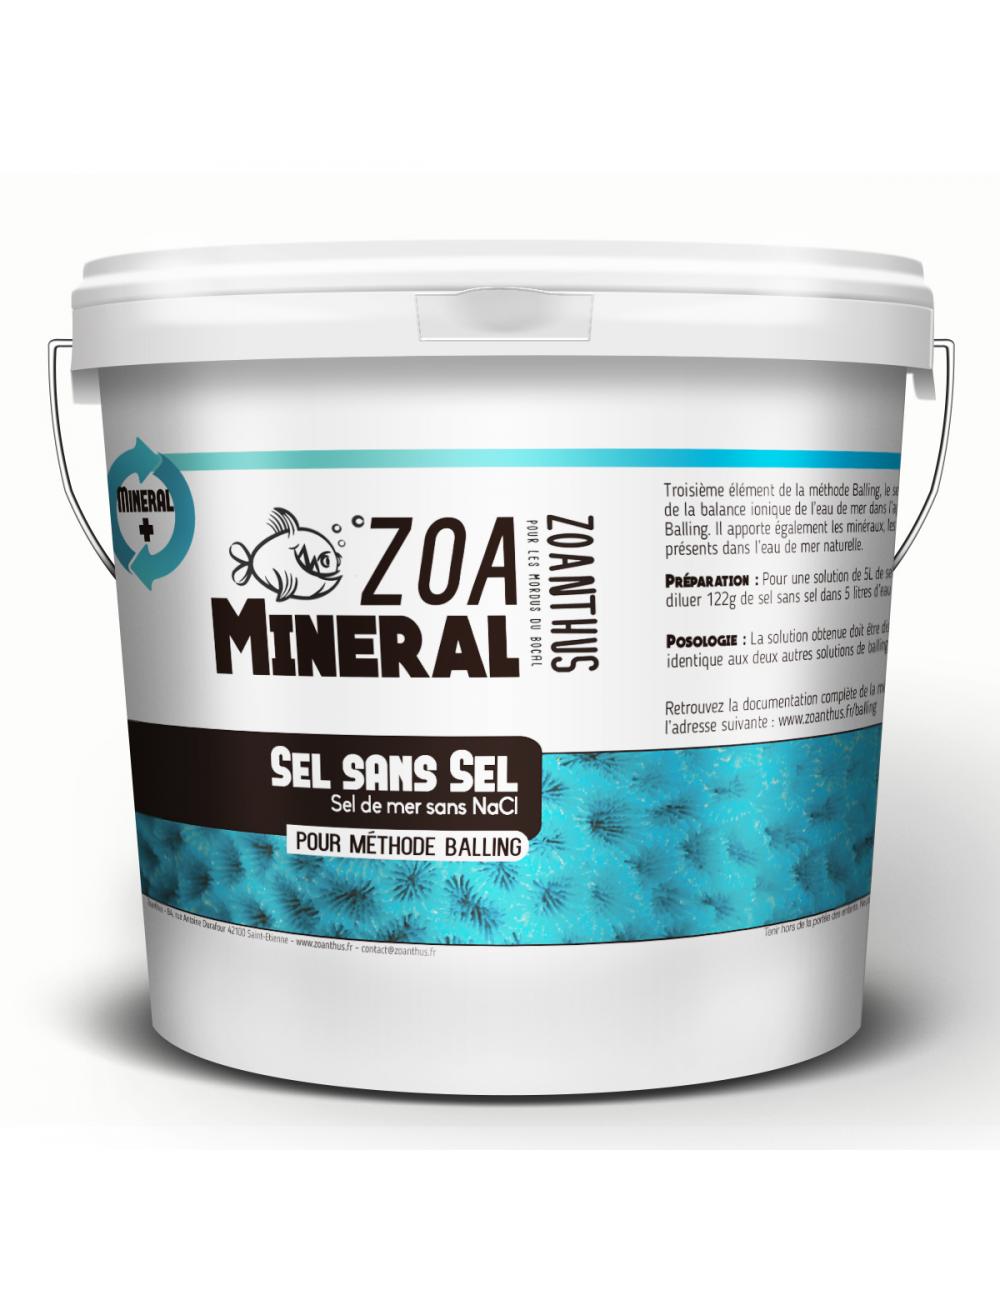 - ZOANTHUS.fr - 5kg Zoa Mineral - « sels sans sel »